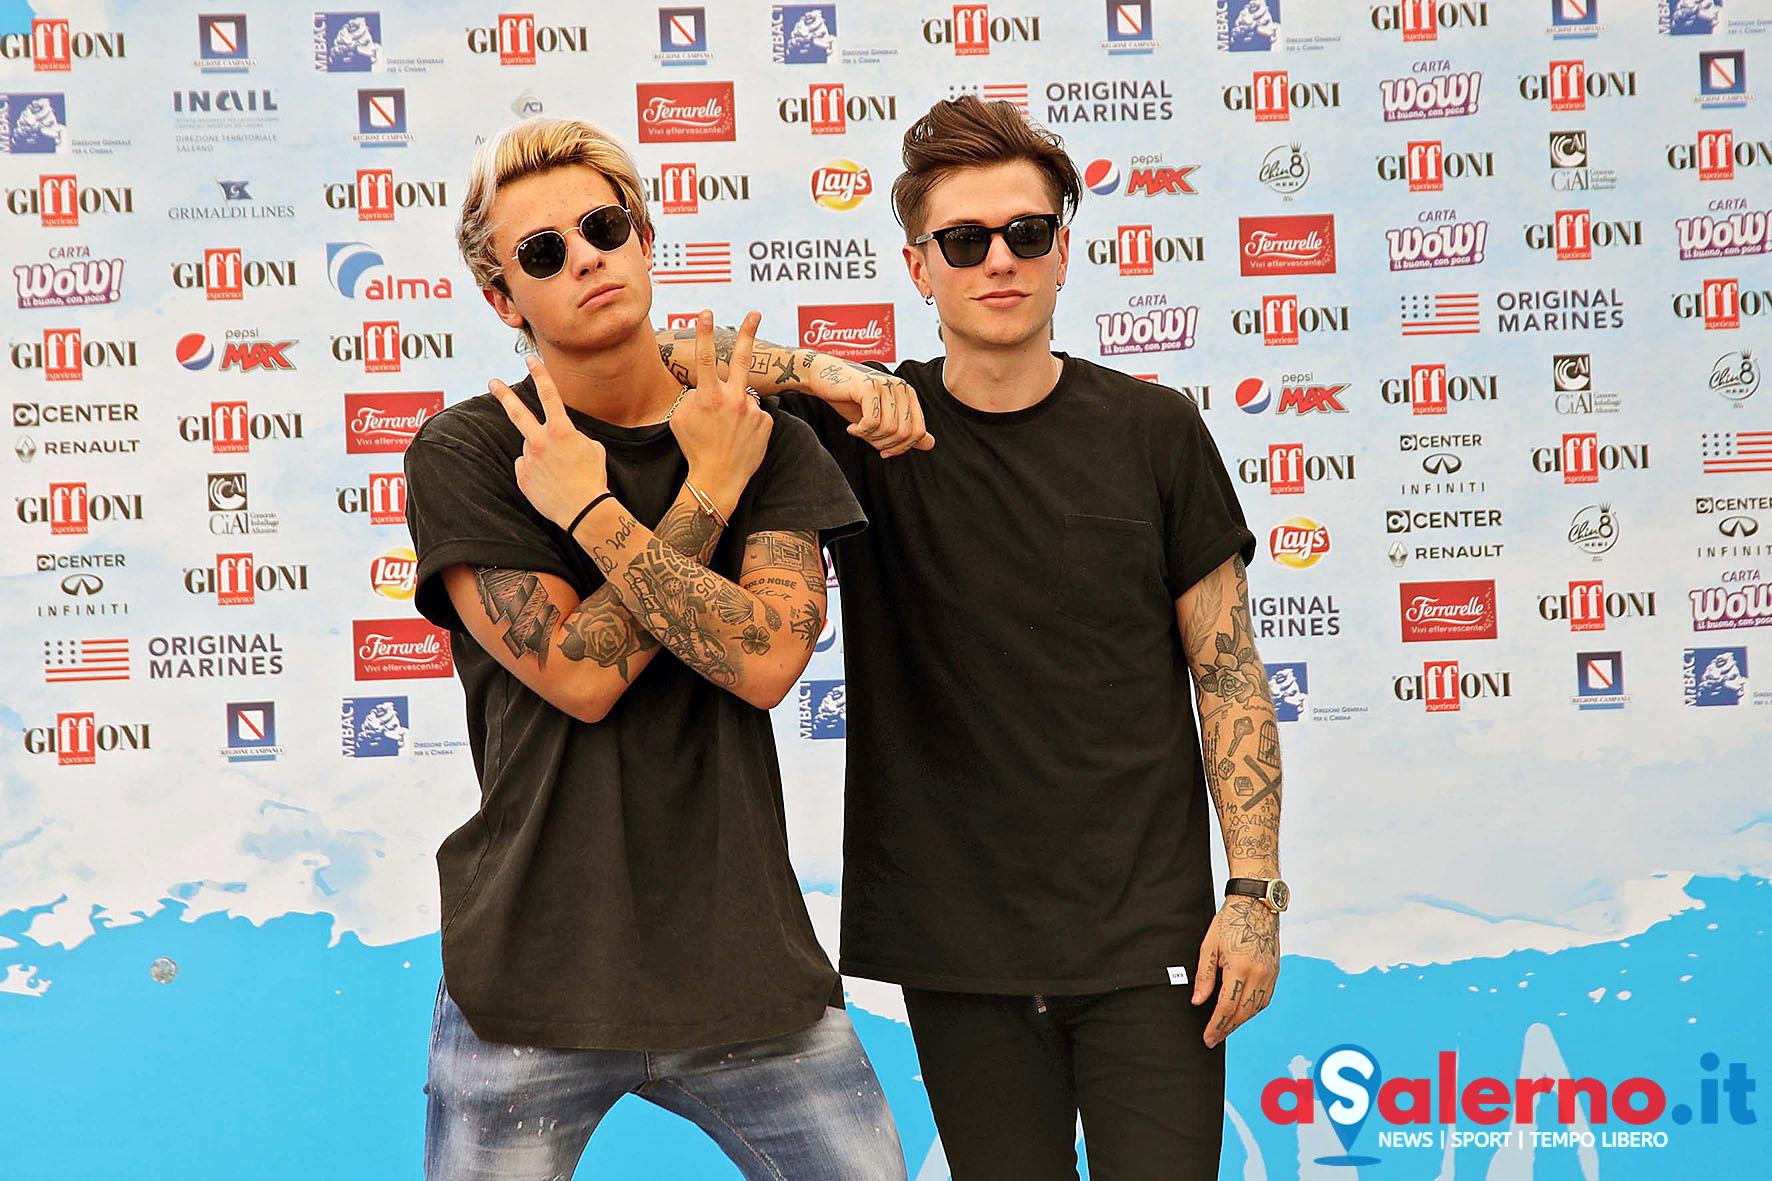 SAL - 20 07 2018 Giffoni Film Festival. Nella foto Benji e Fede. Foto Tanopress